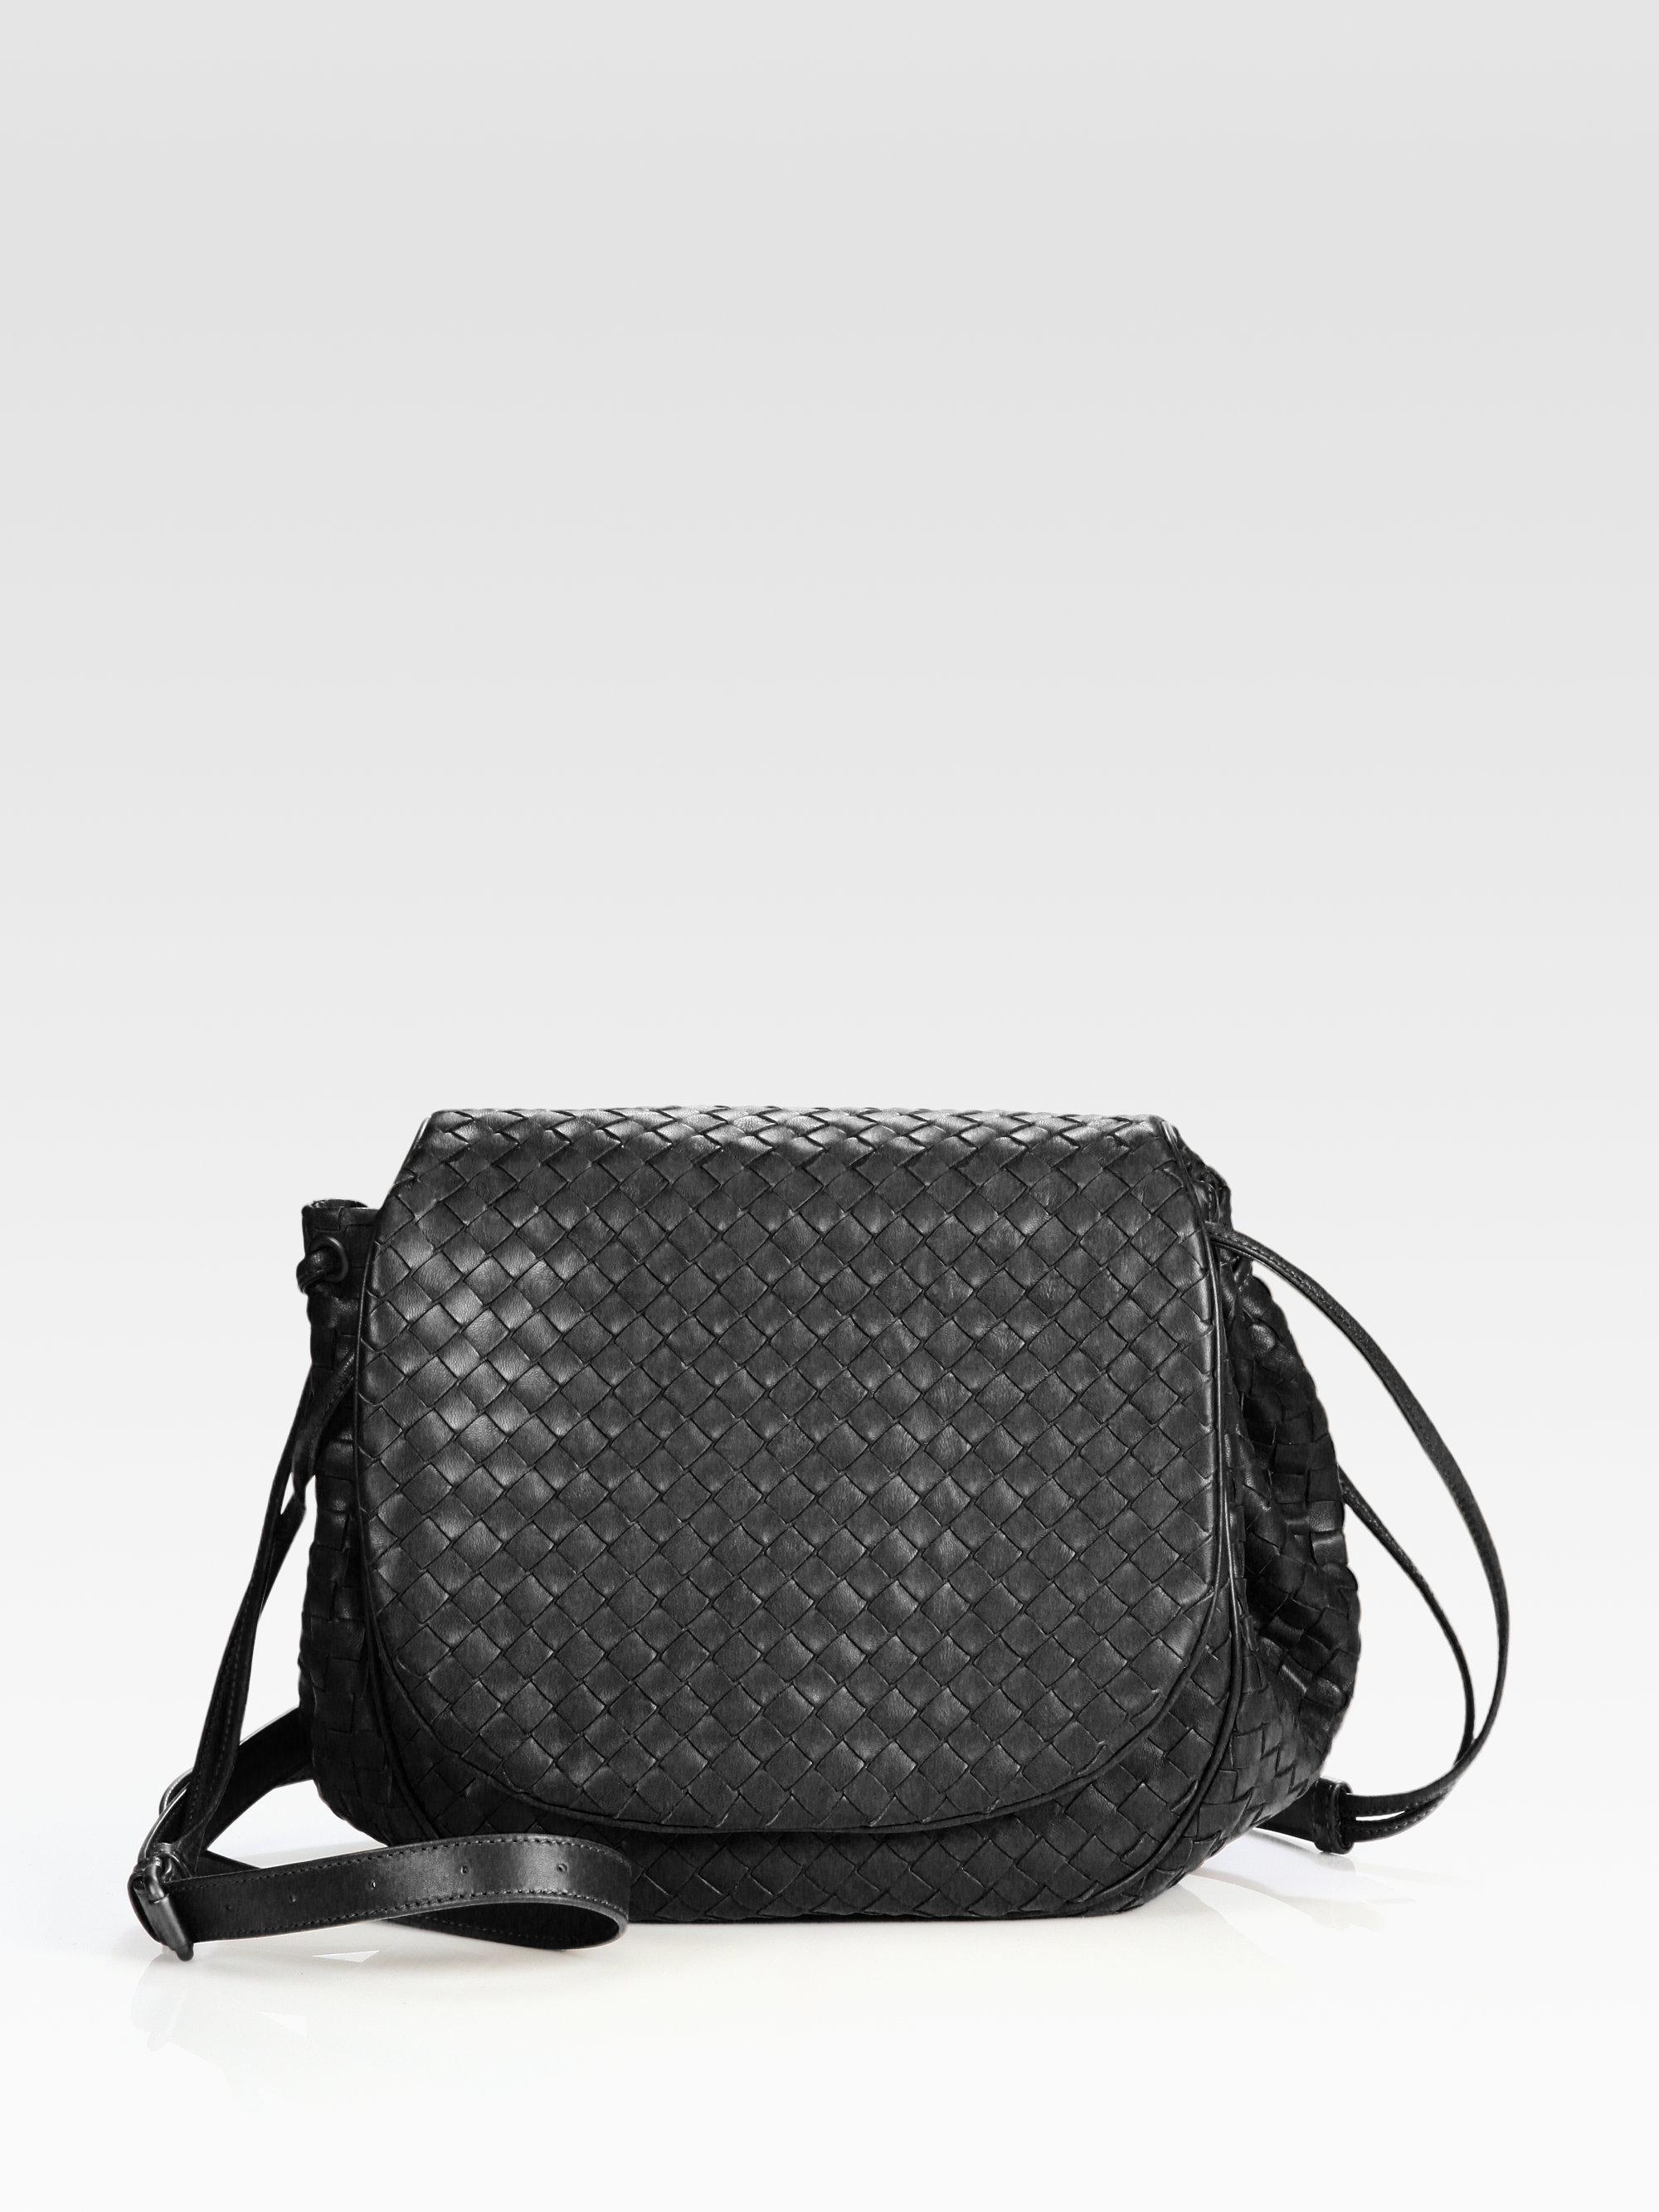 Intrecciato micro leather cross-body bag Bottega Veneta gNvpnpd